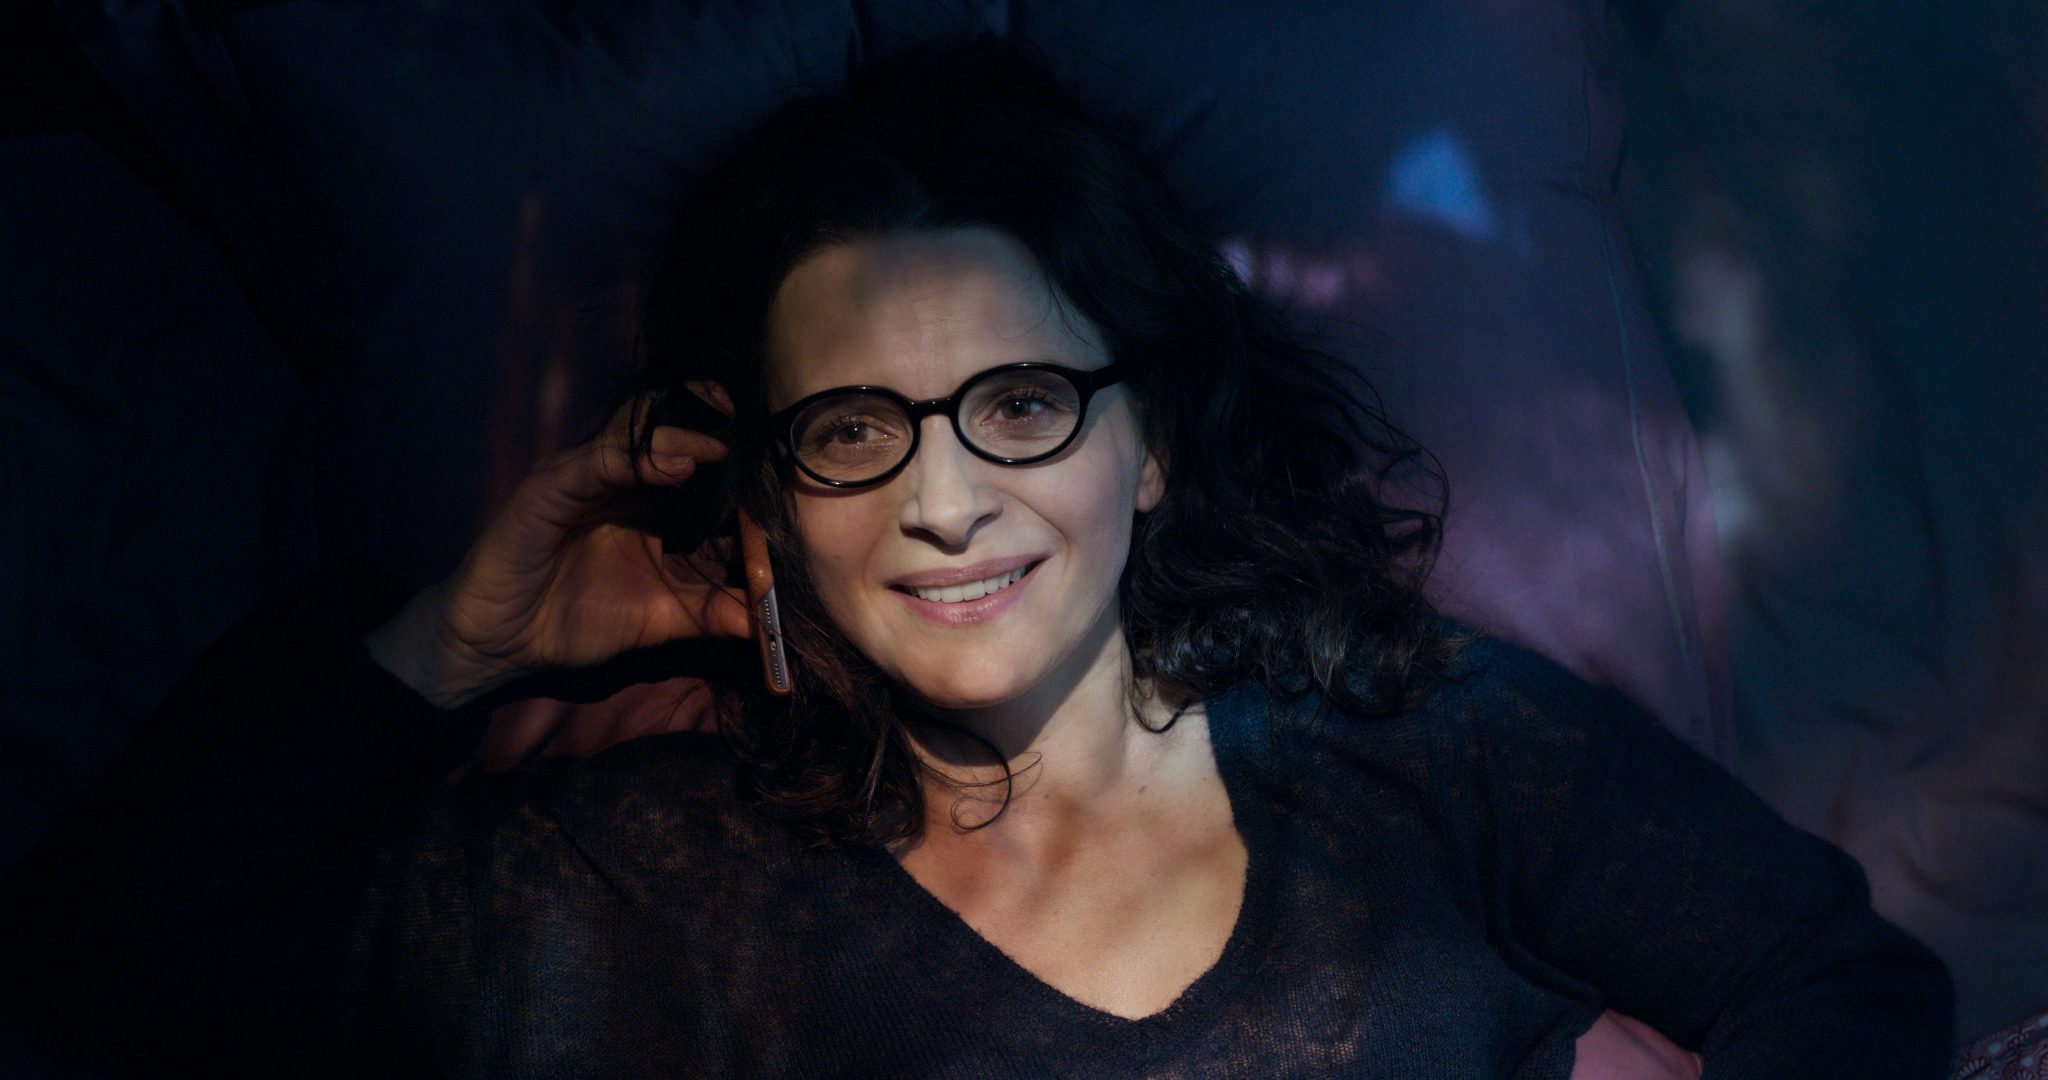 Berlin - Tag und Nacht: Peggy meldet sich zurück! | Fotos